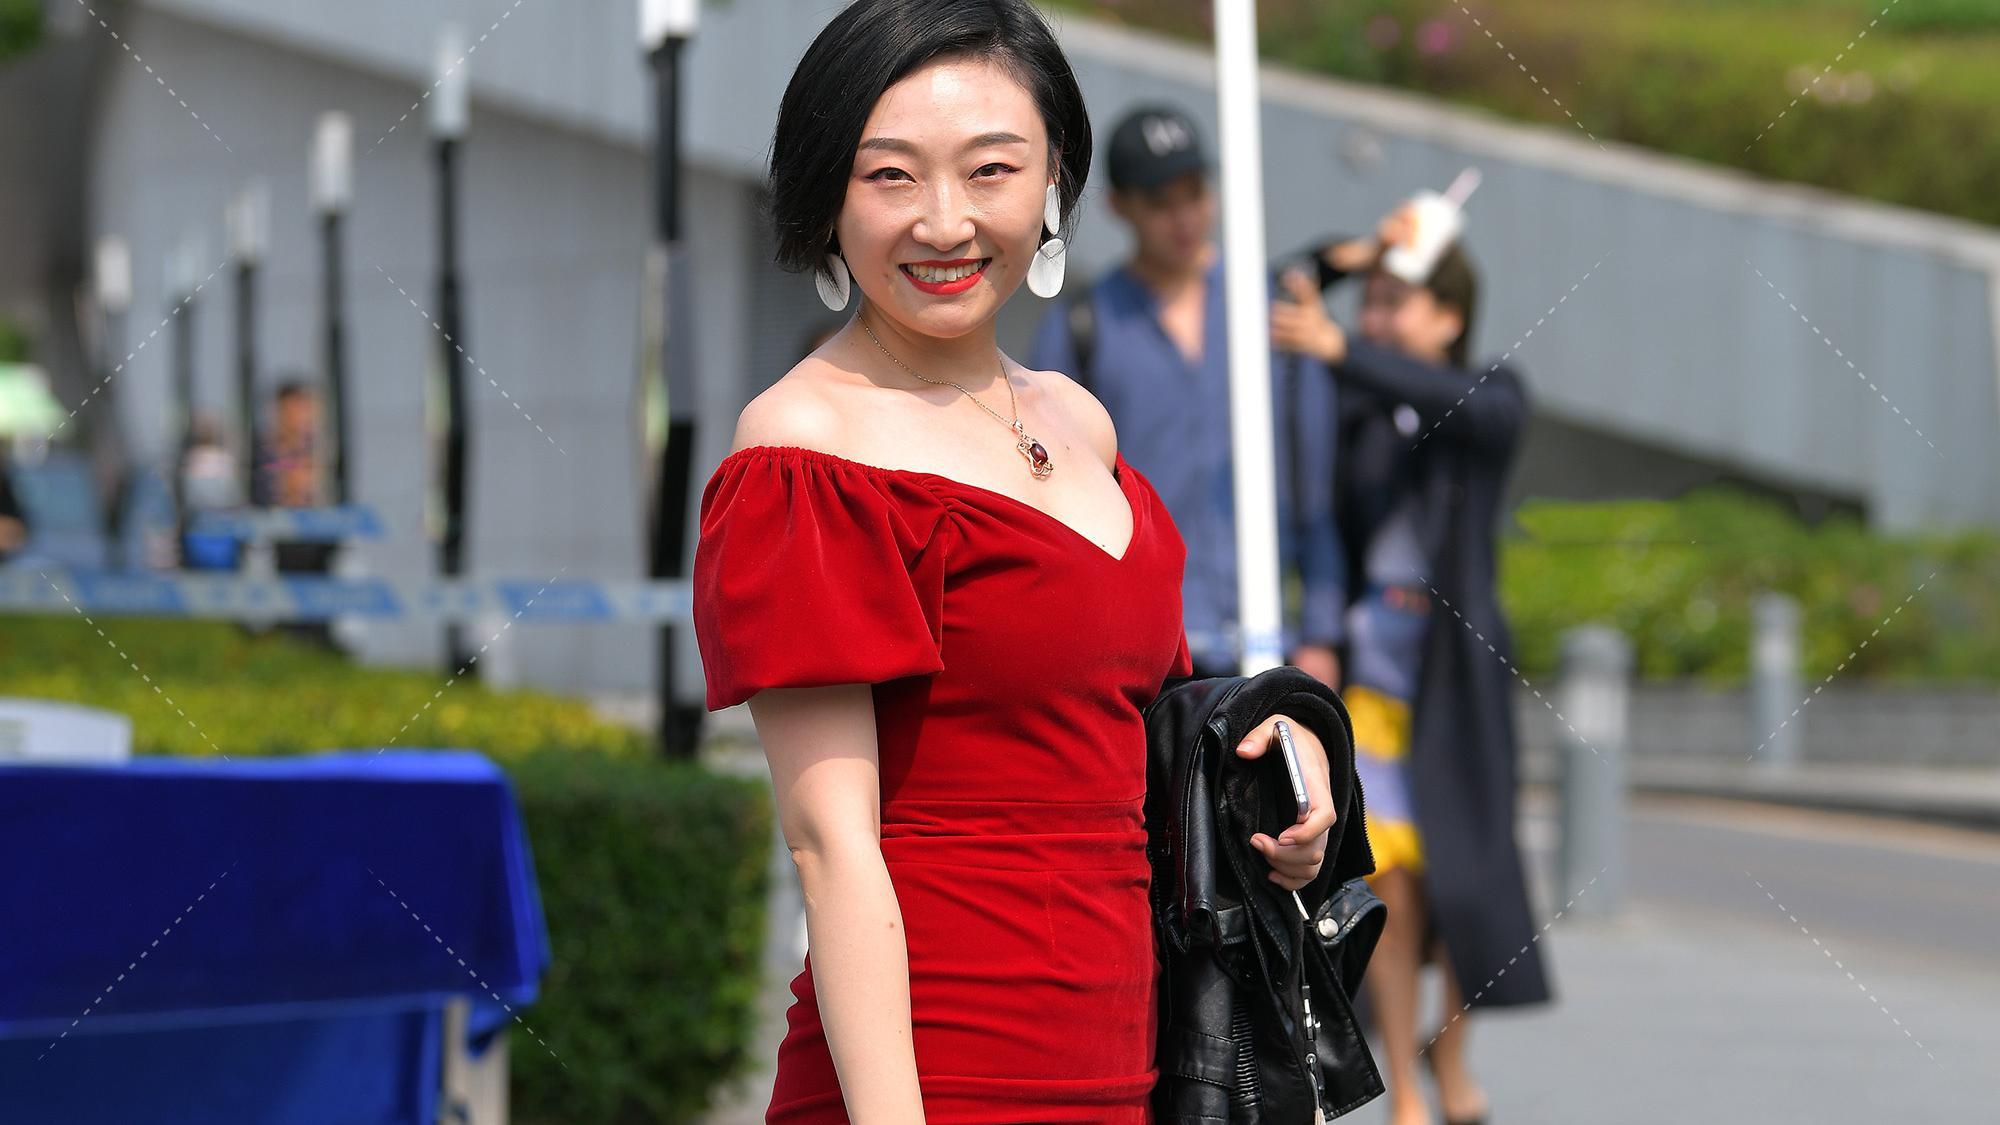 """黑色高跟鞋长了很多""""尖刺"""",白皮肤搭配红色连衣裙更加""""优雅高级"""""""